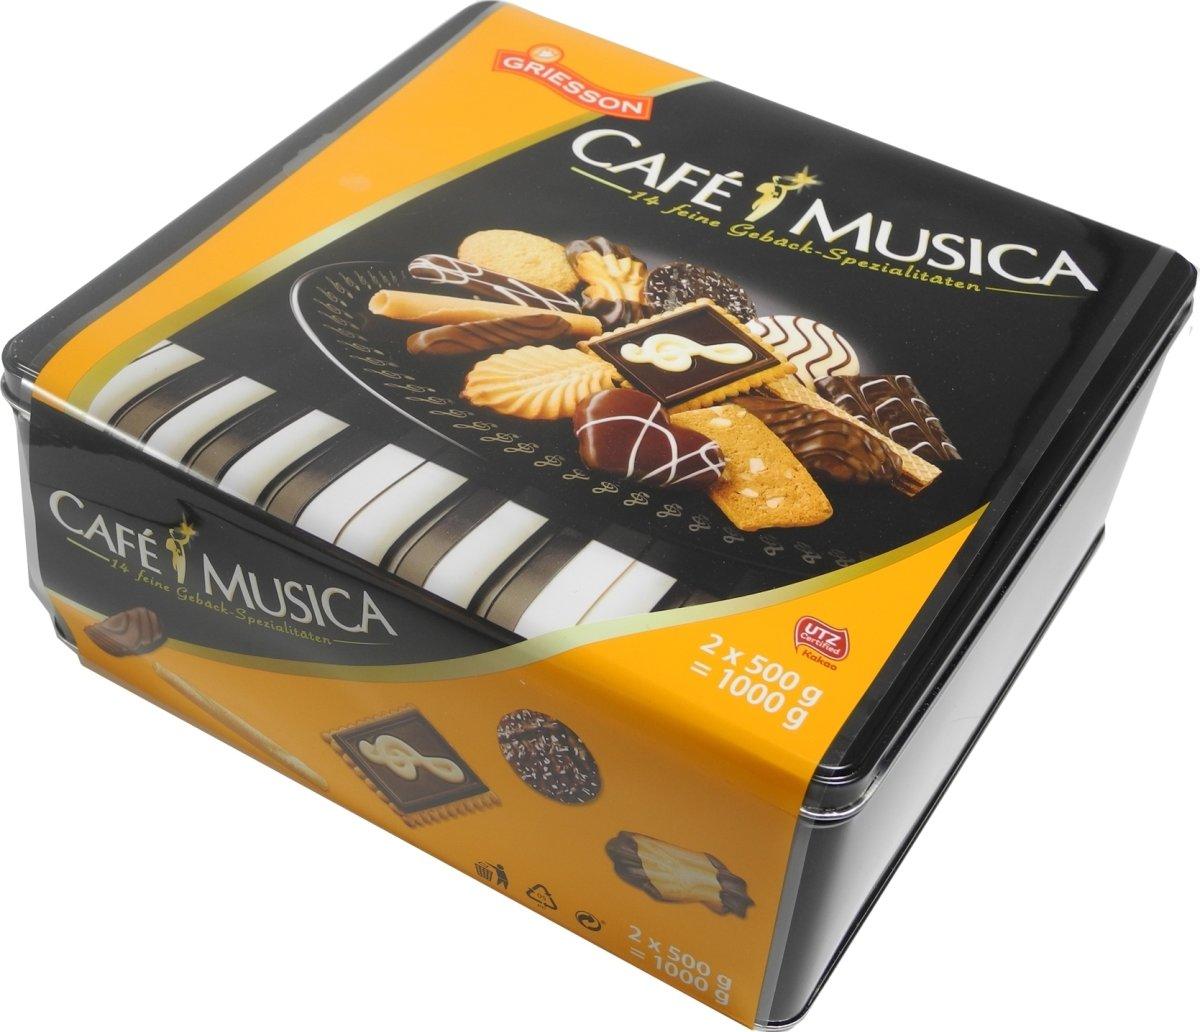 Griesson - de Beukelaer Café Musica småkager, 1 kg